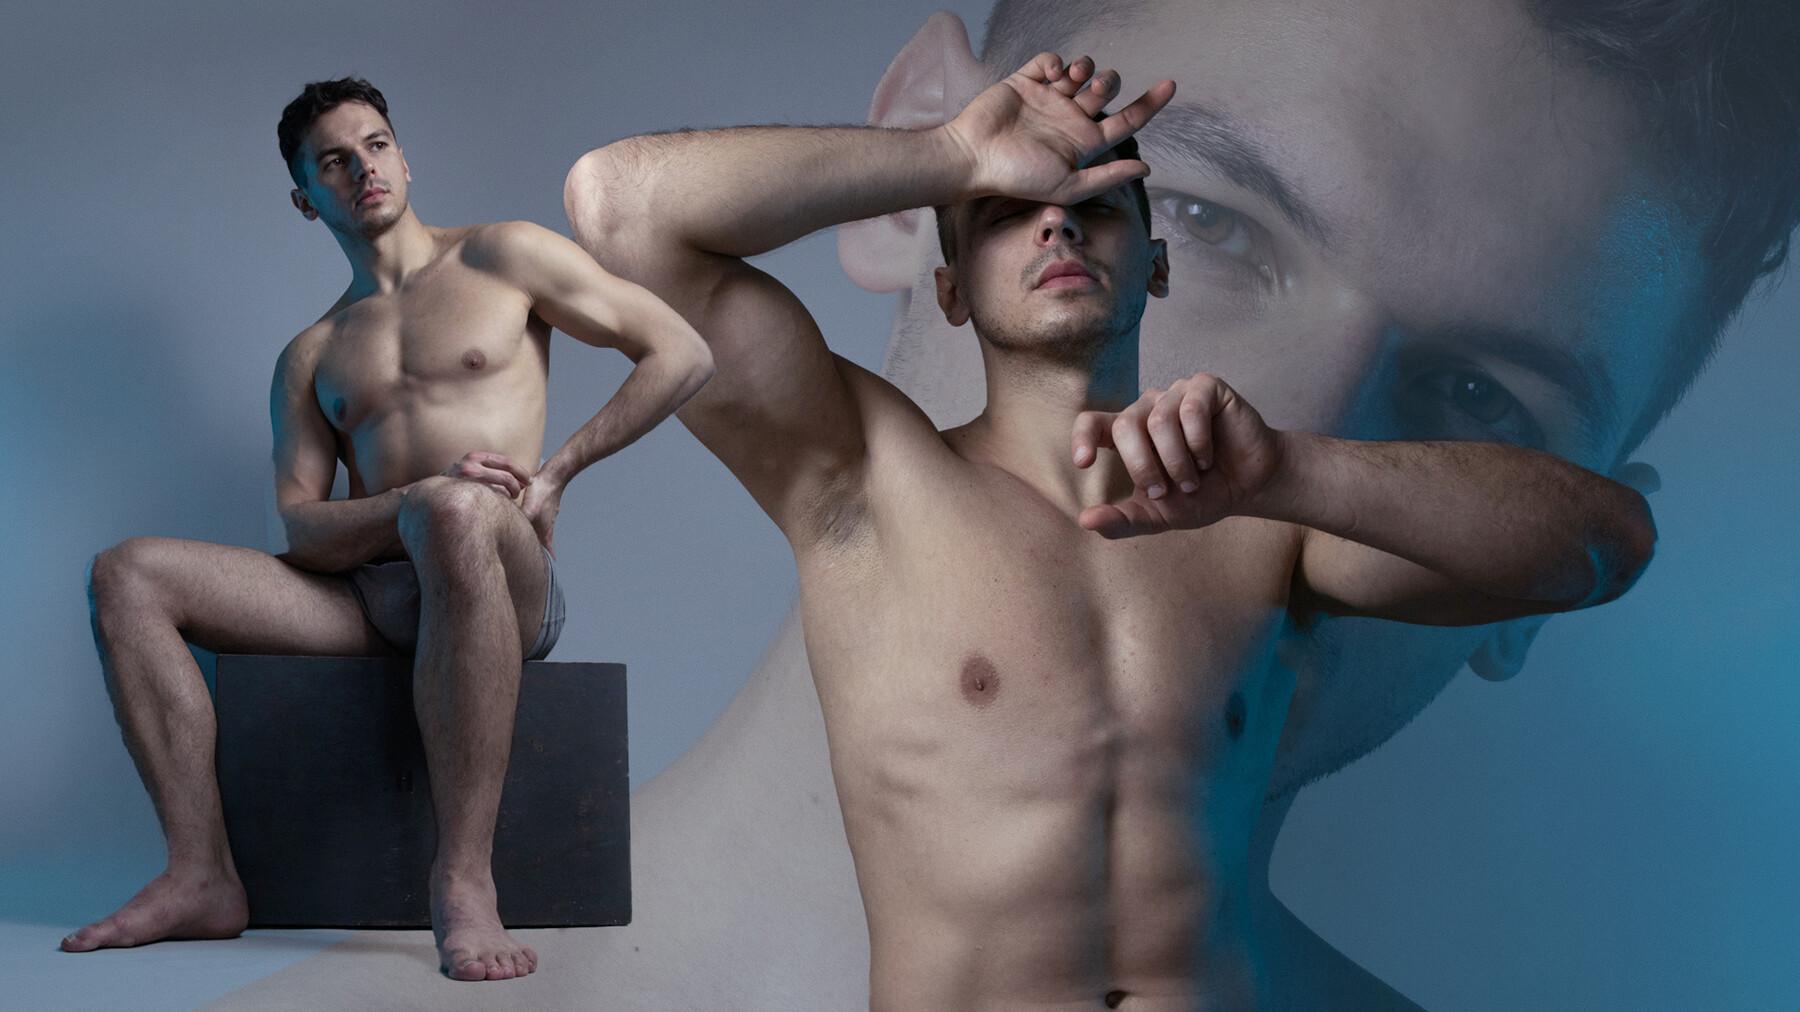 تصاویر رفرنس پرتره و بدن مردان